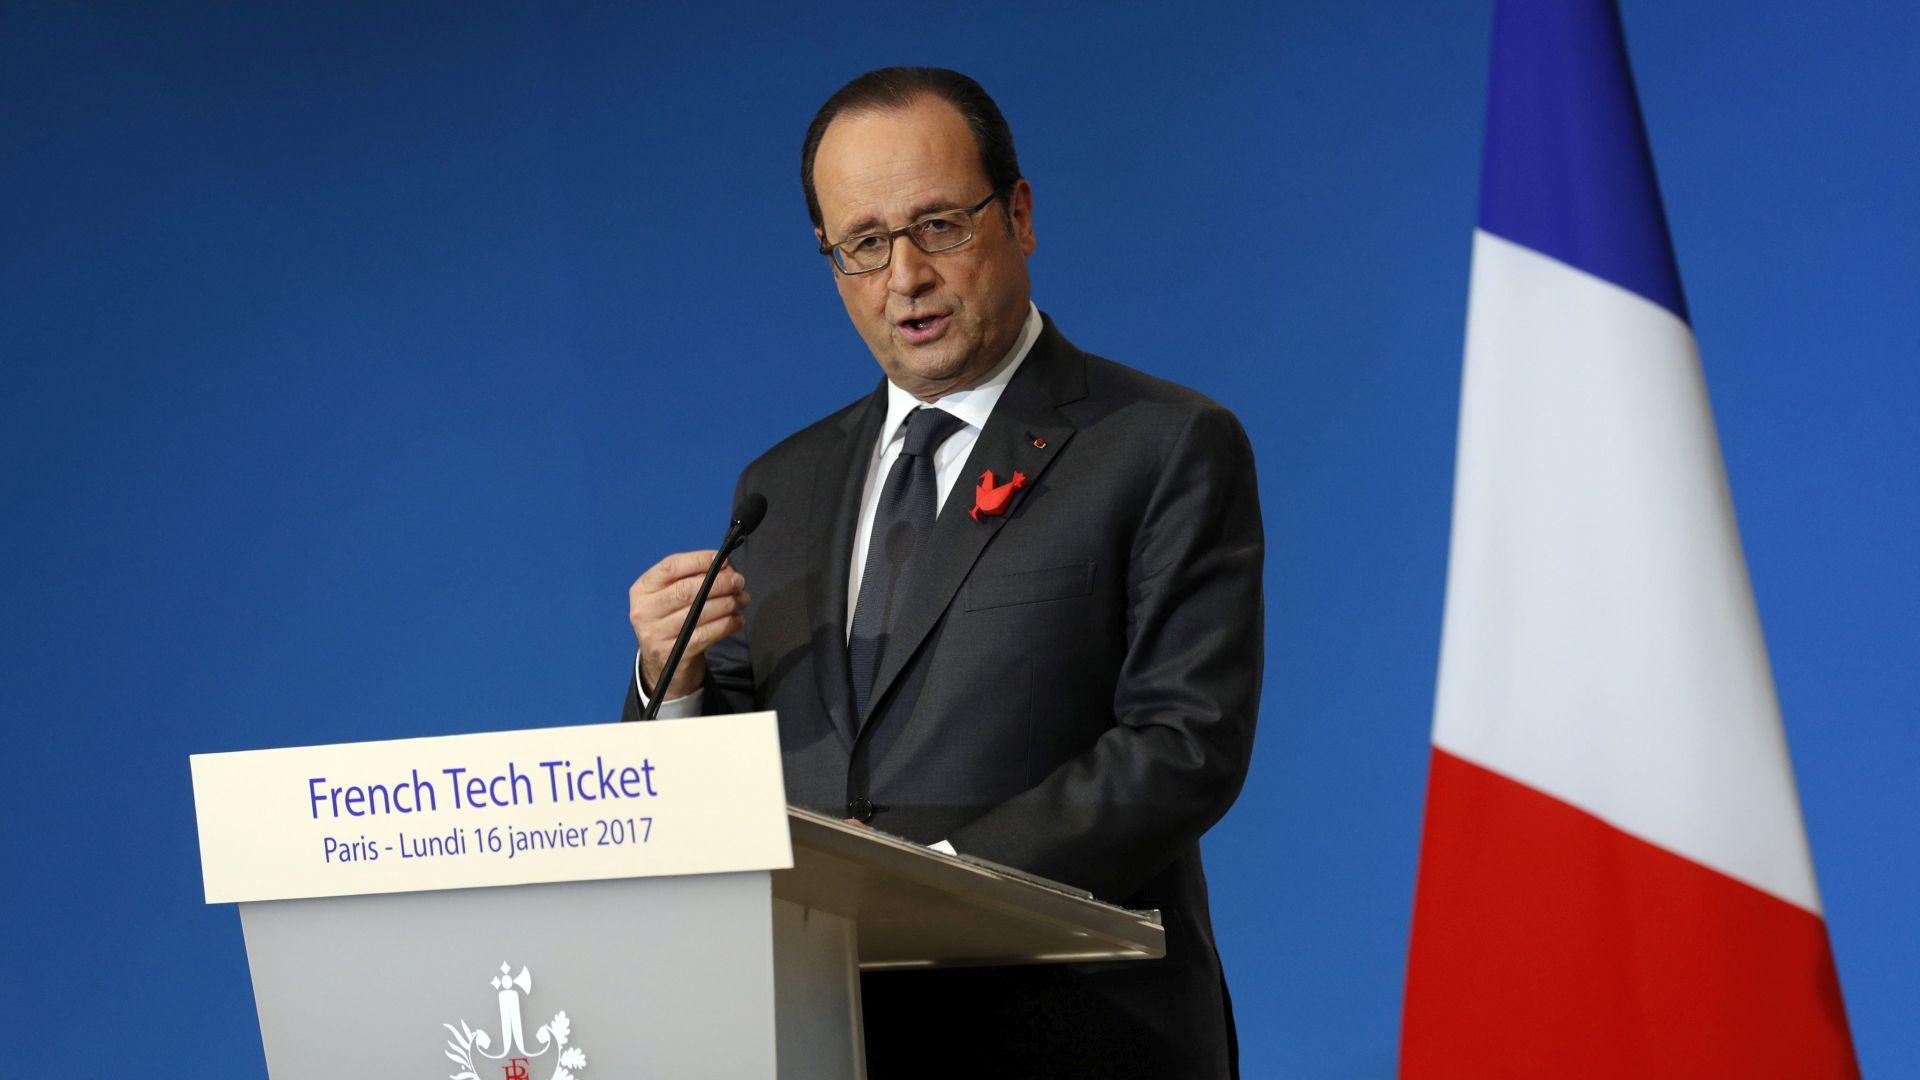 Hollande poziva na intenziviranje odnosa EU i Azije